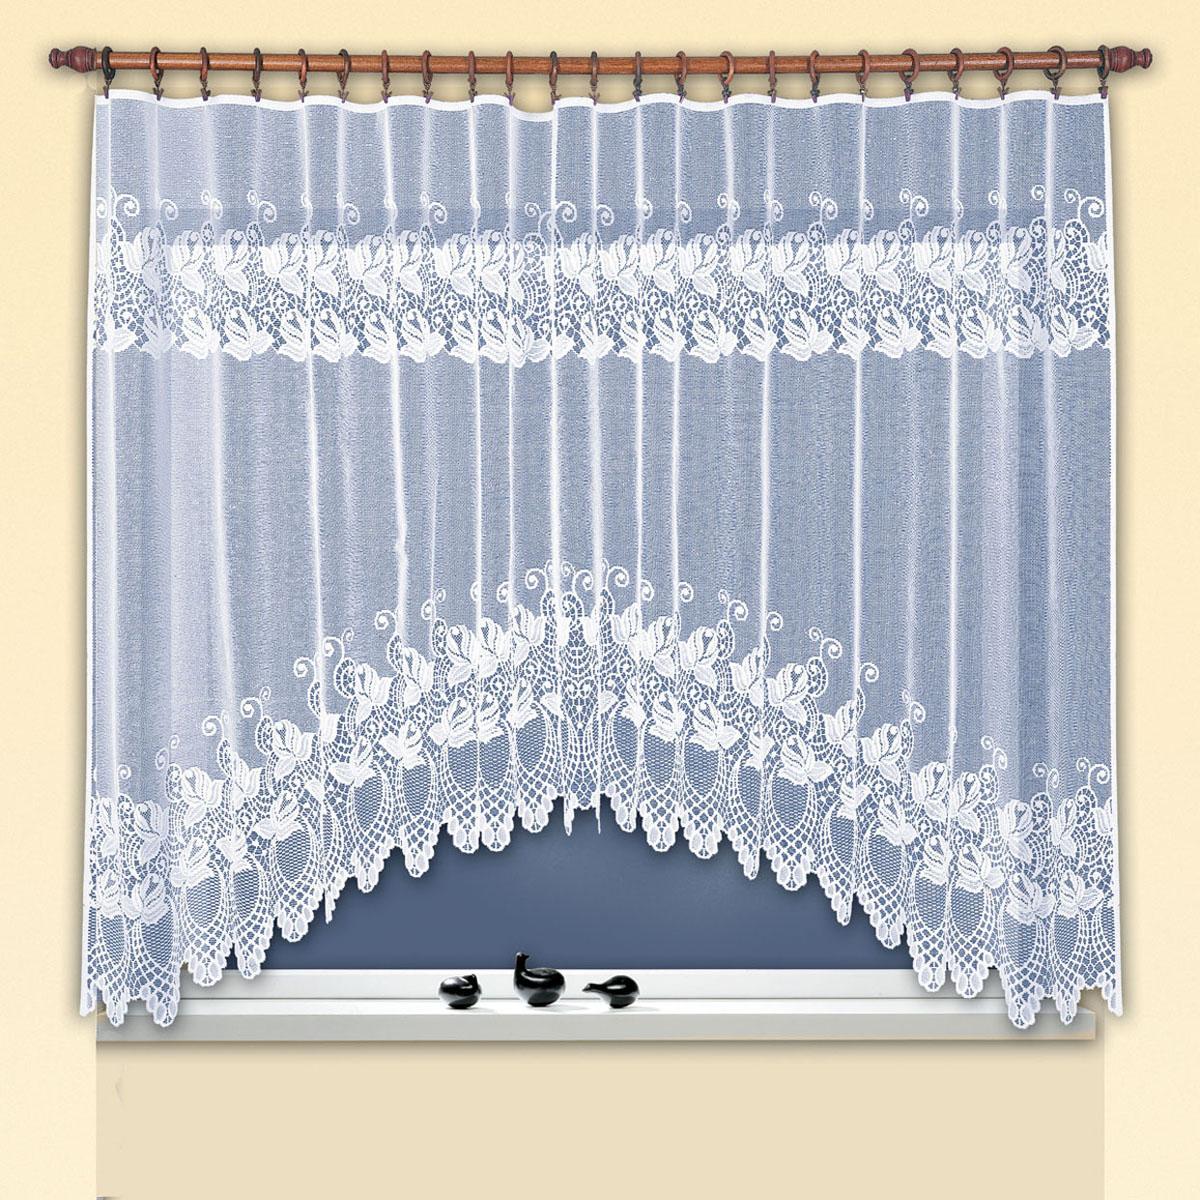 Гардина Haft, цвет: белый, ширина 300 см, высота 160 см. 38180/16038180/160Жаккардовая гардина-арка белого цвета для комплекта под балконный блокРазмеры: высота 160см* ширина300см